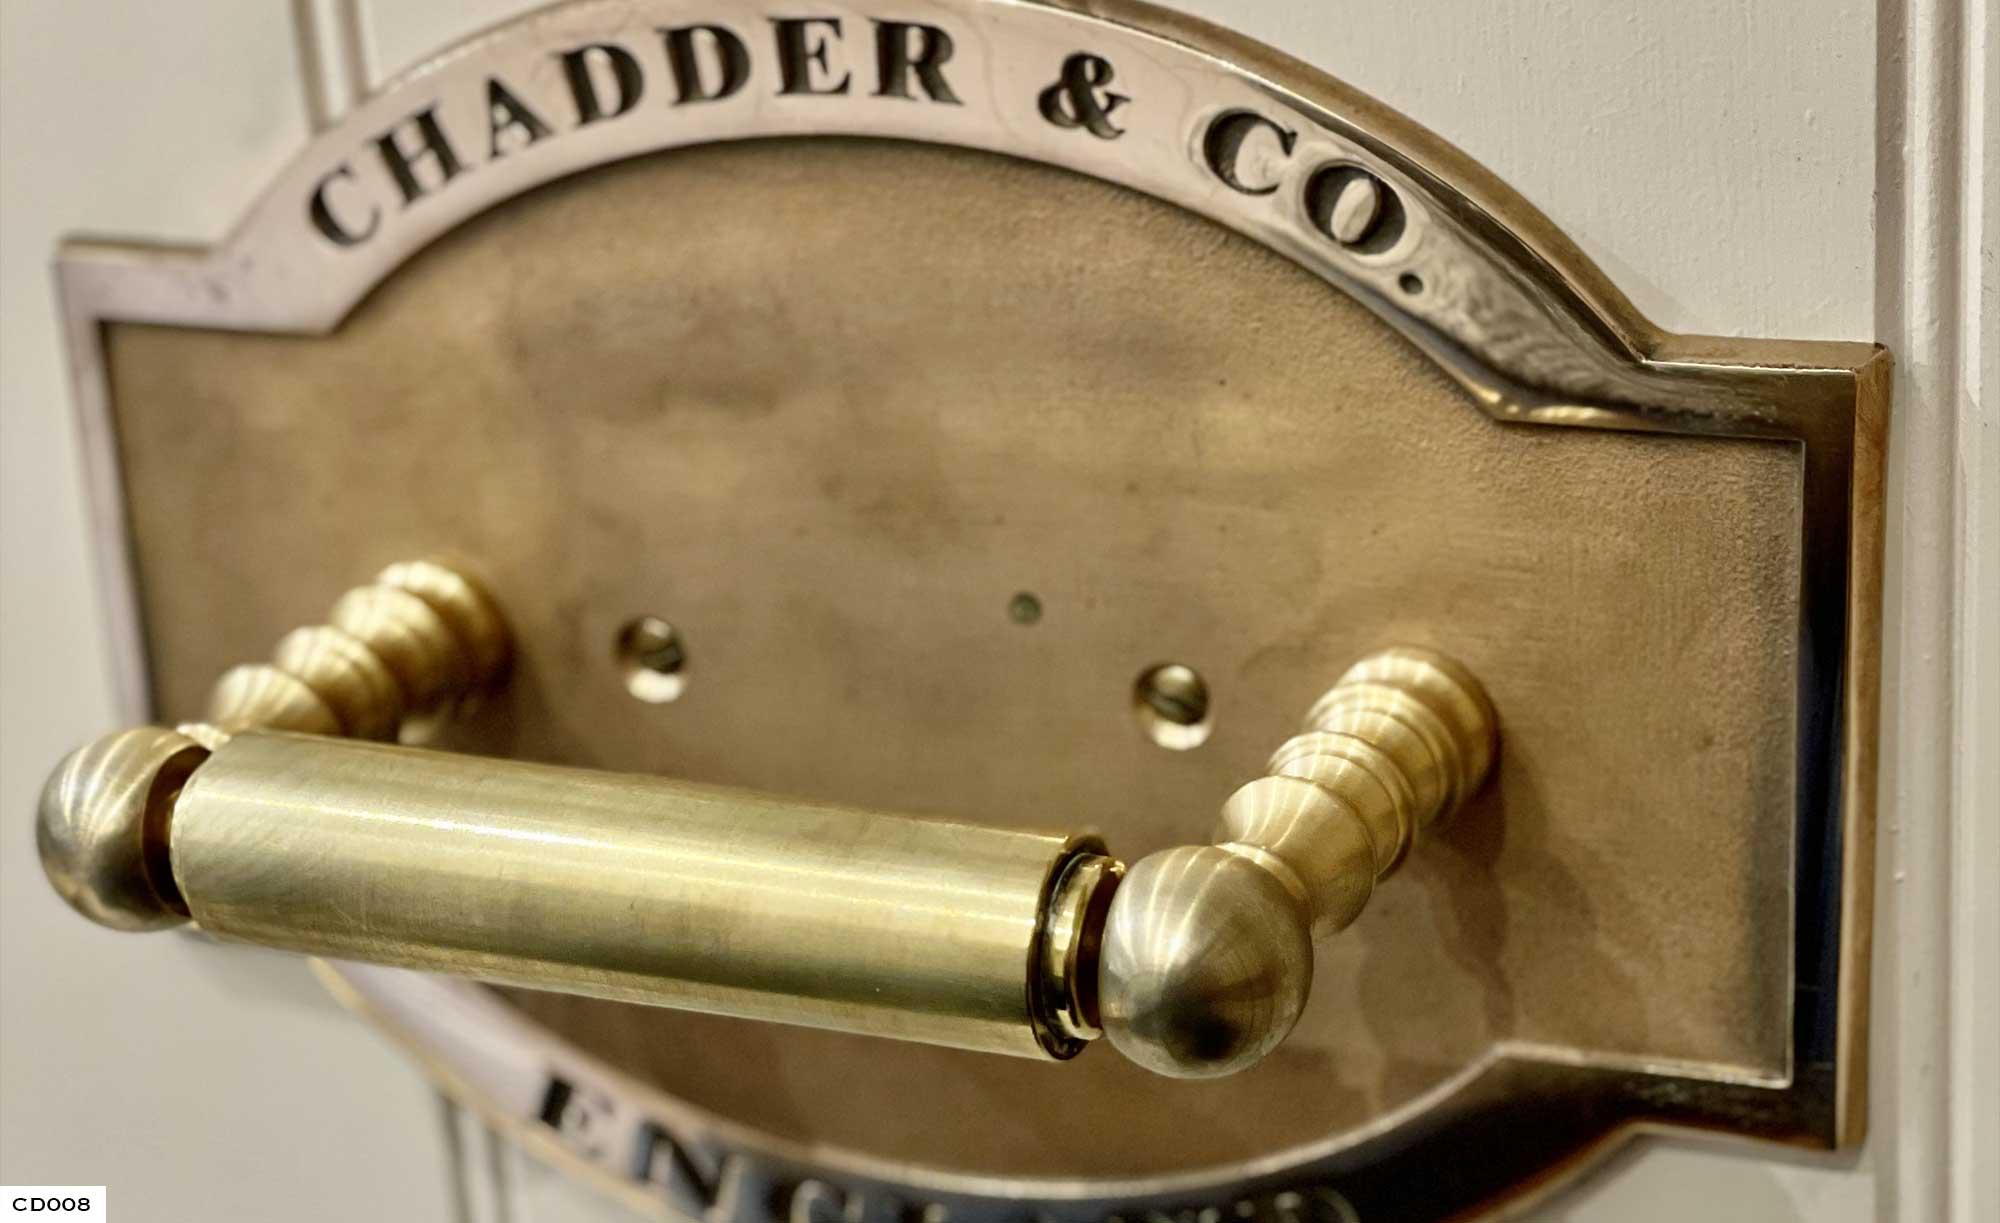 Vintage Toilet Roll Holder, Copper Toilet Roll Holder, Chadder Design, Bespoke Toilet Cisterns